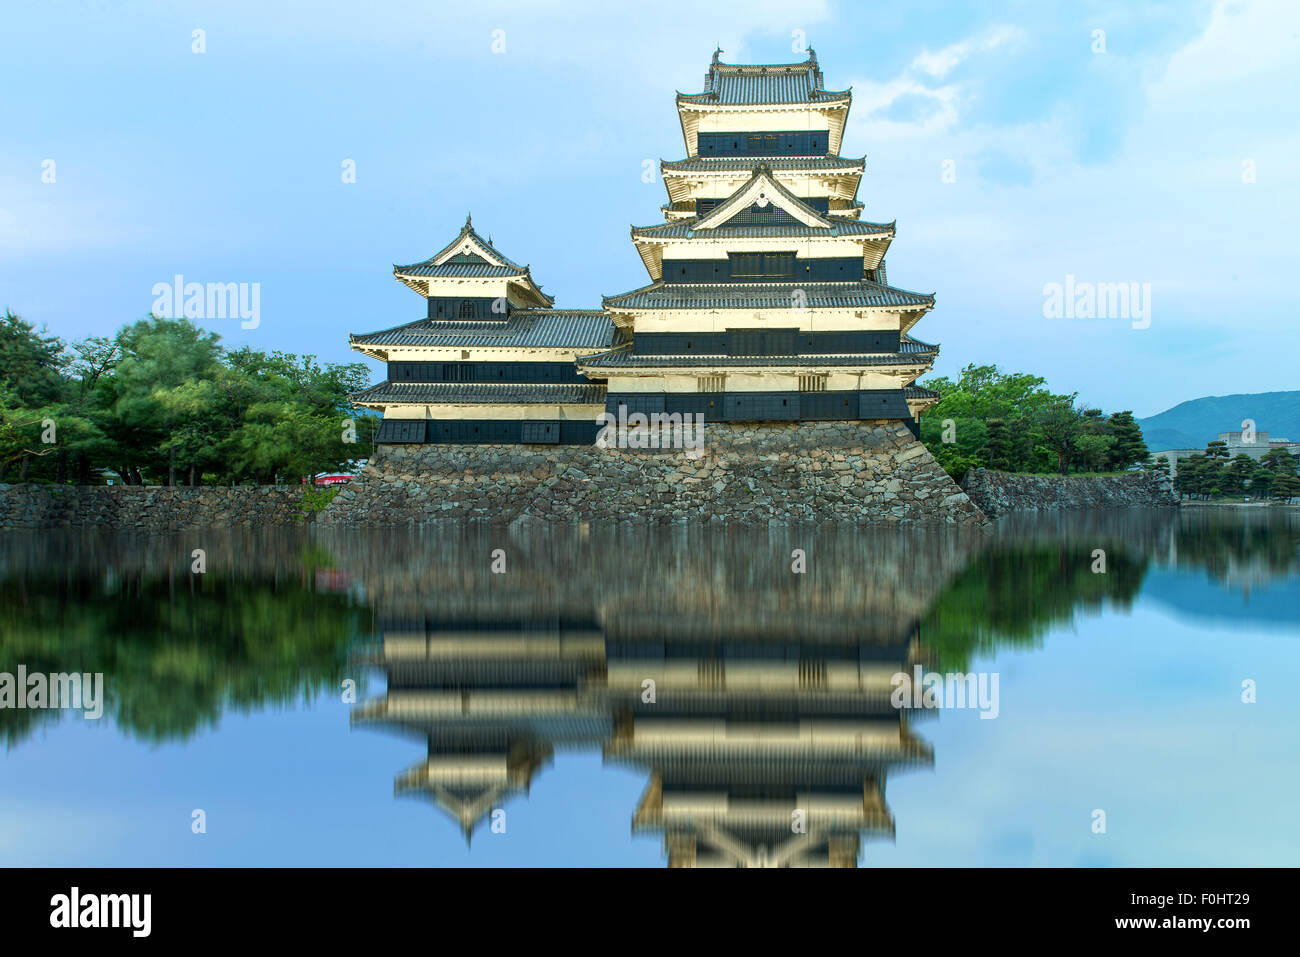 Il Castello Matsumoto a Matsumoto, Giappone Immagini Stock